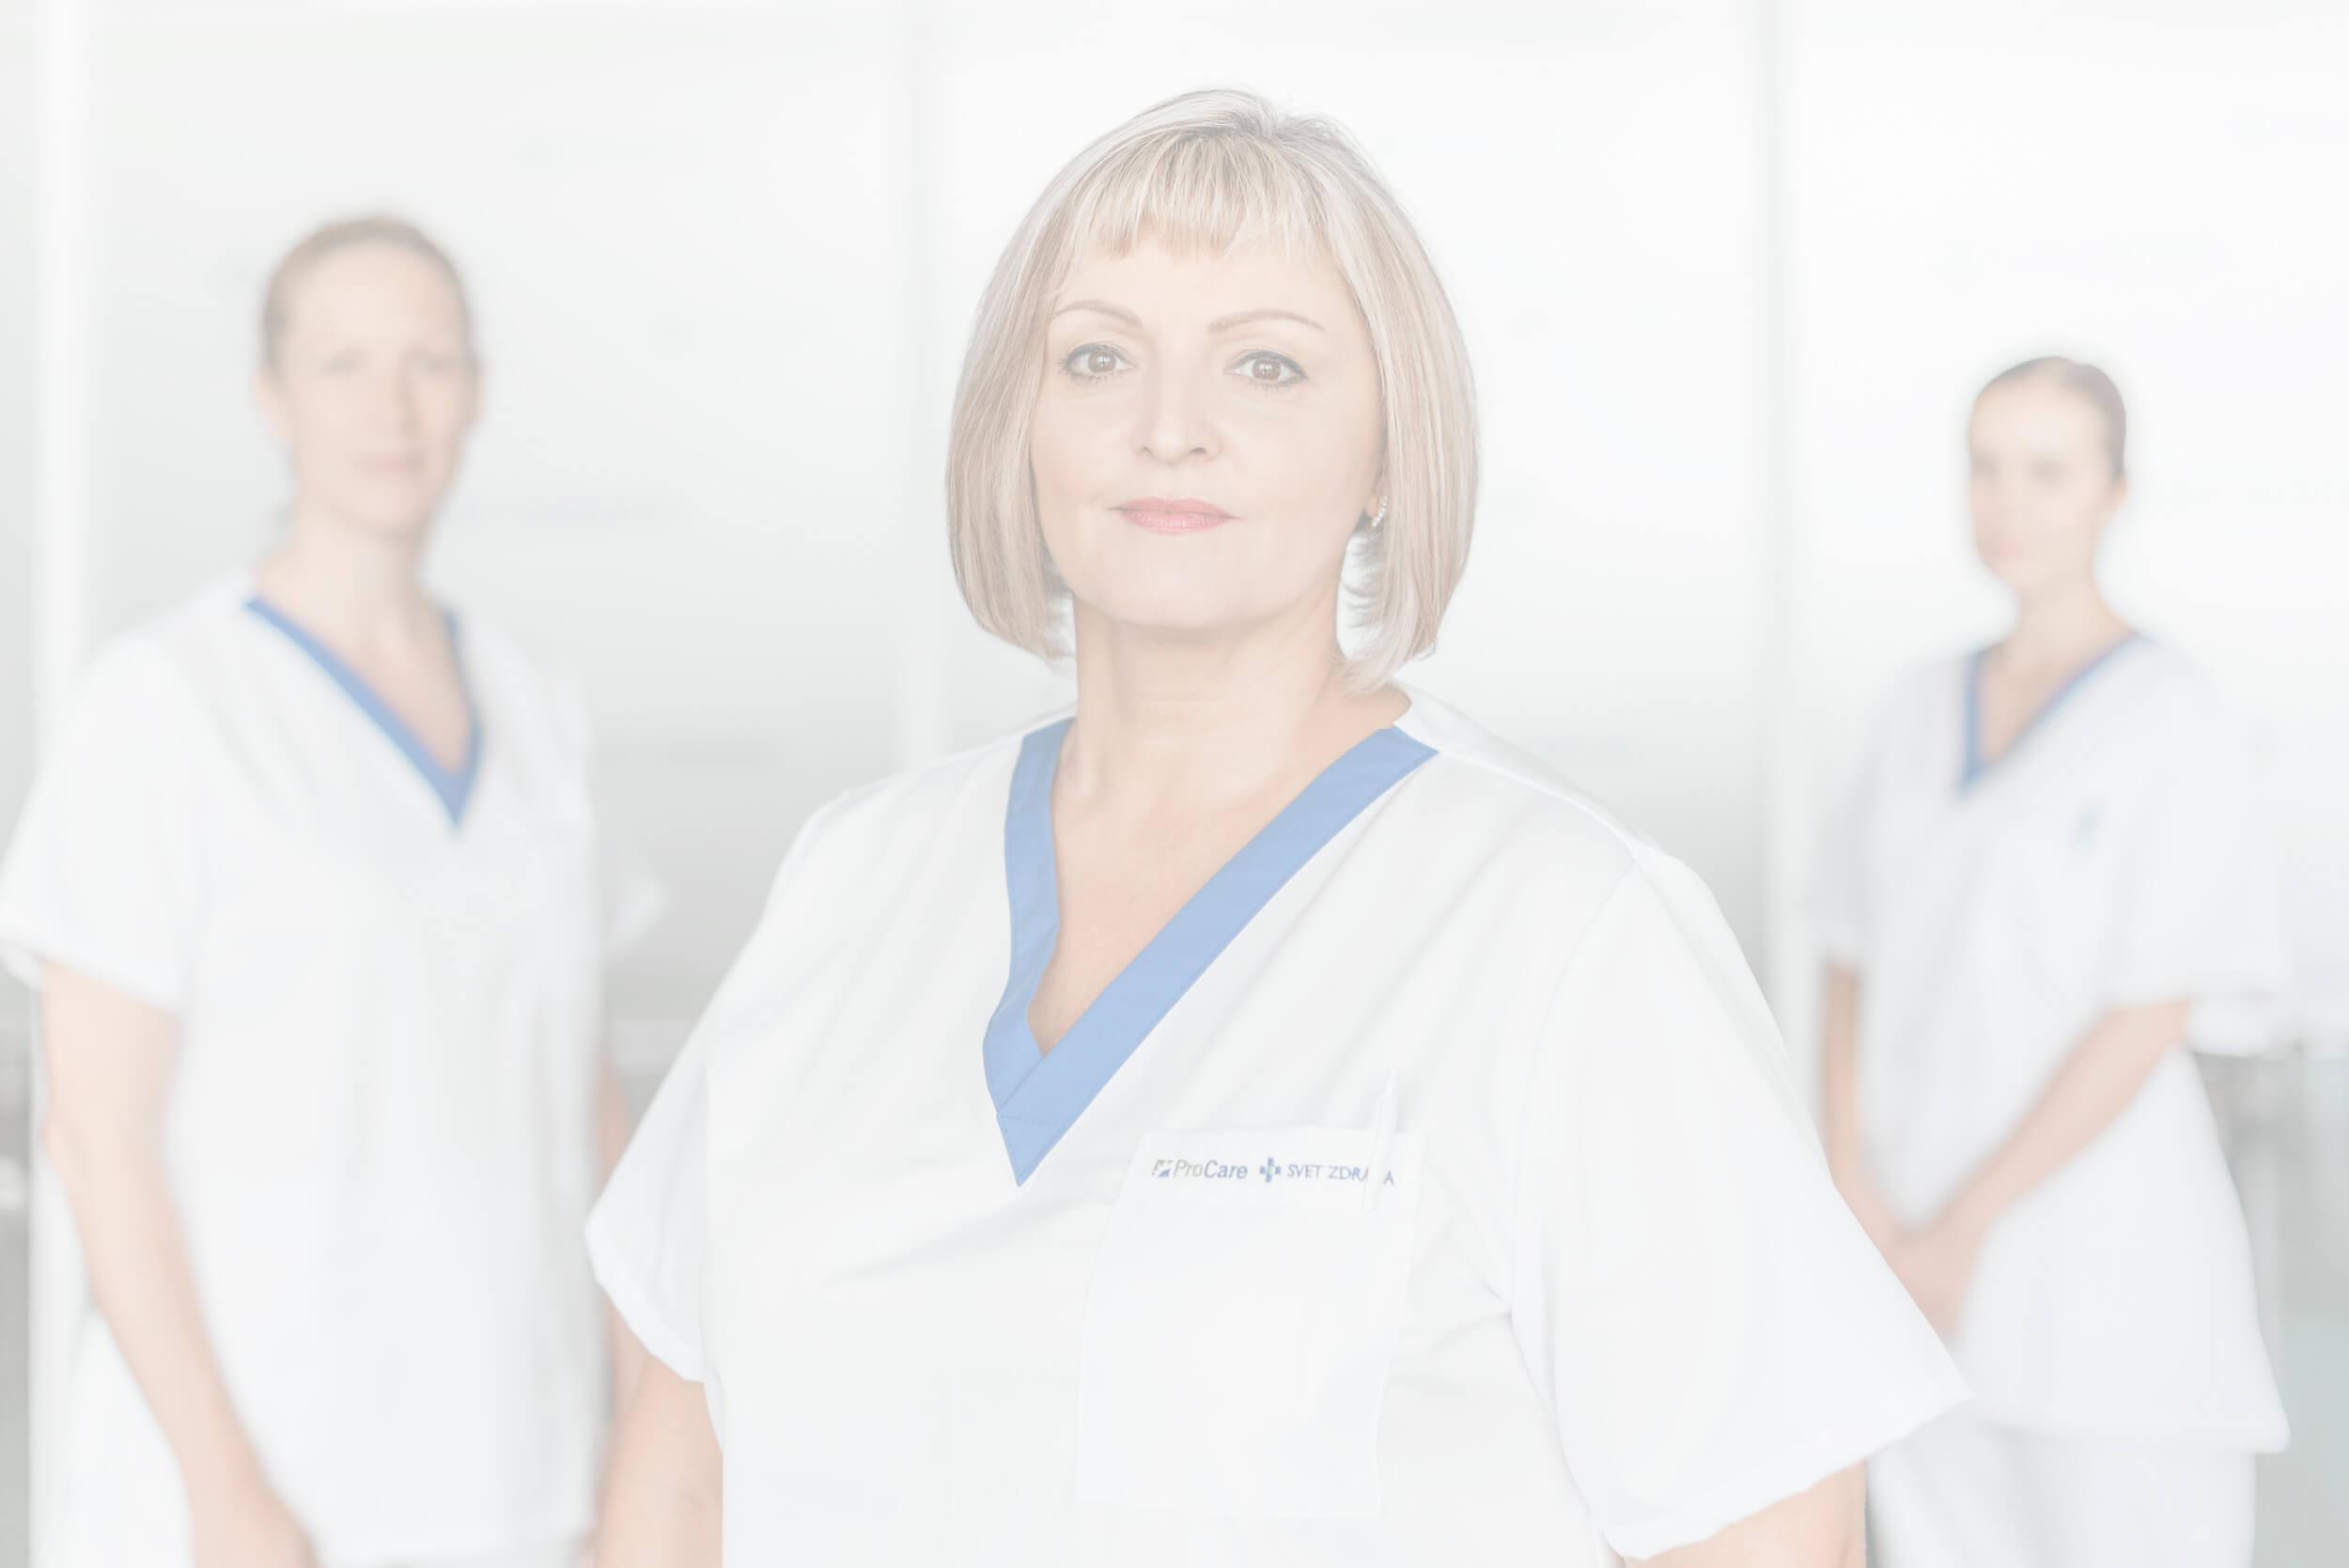 nova nemocnica bory pridajte sa do timu vyberove konania nabor alena kendrick